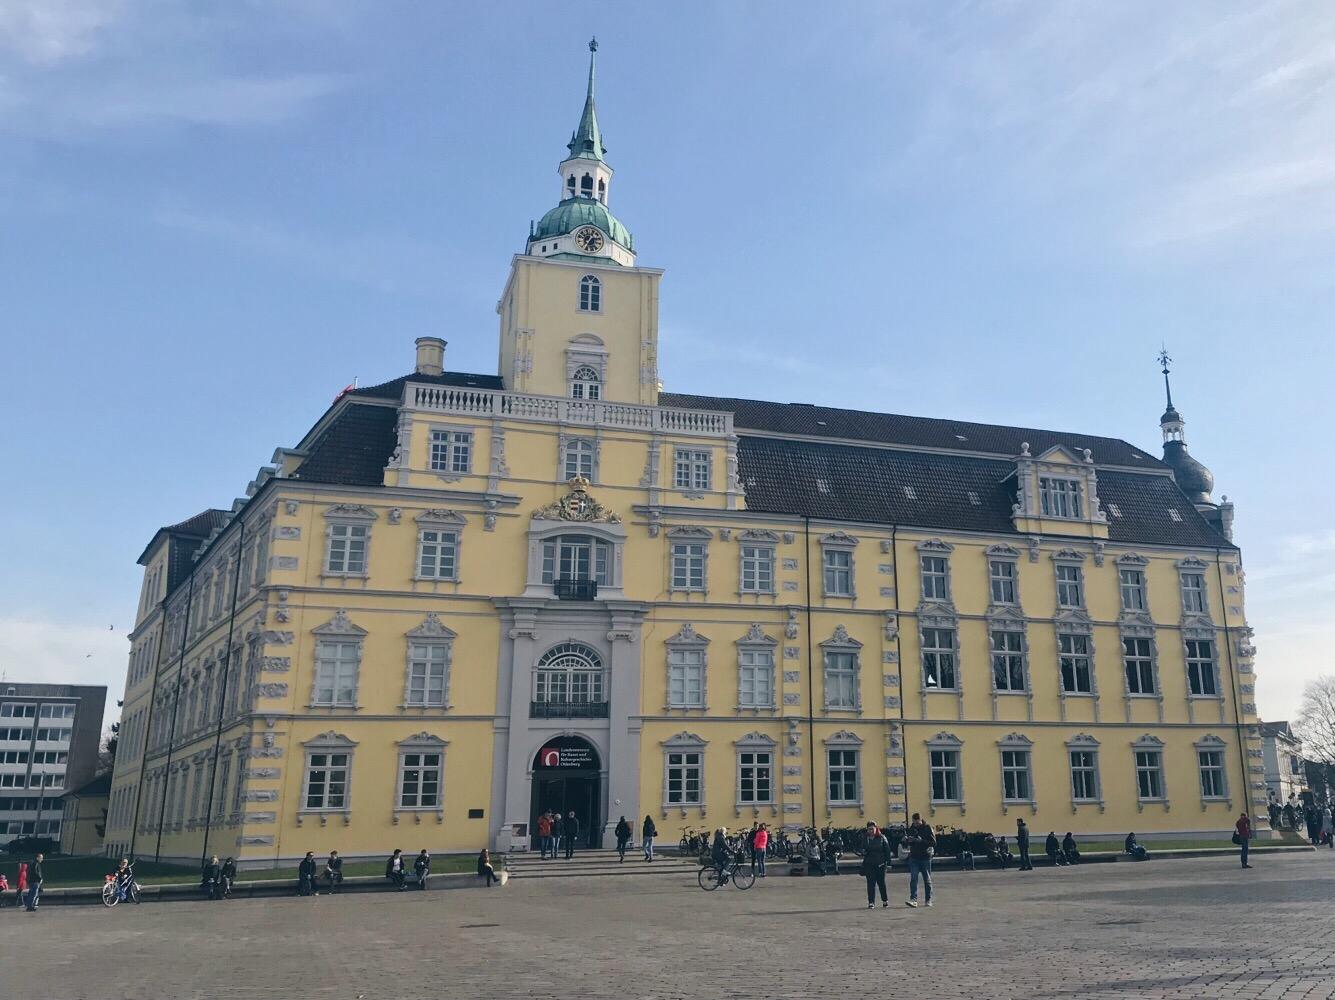 Gelbes Schloss in Oldenburg mit einem wolkenfreien Himmel. Am Rand des Schlossplates sitzen einige Menschen.